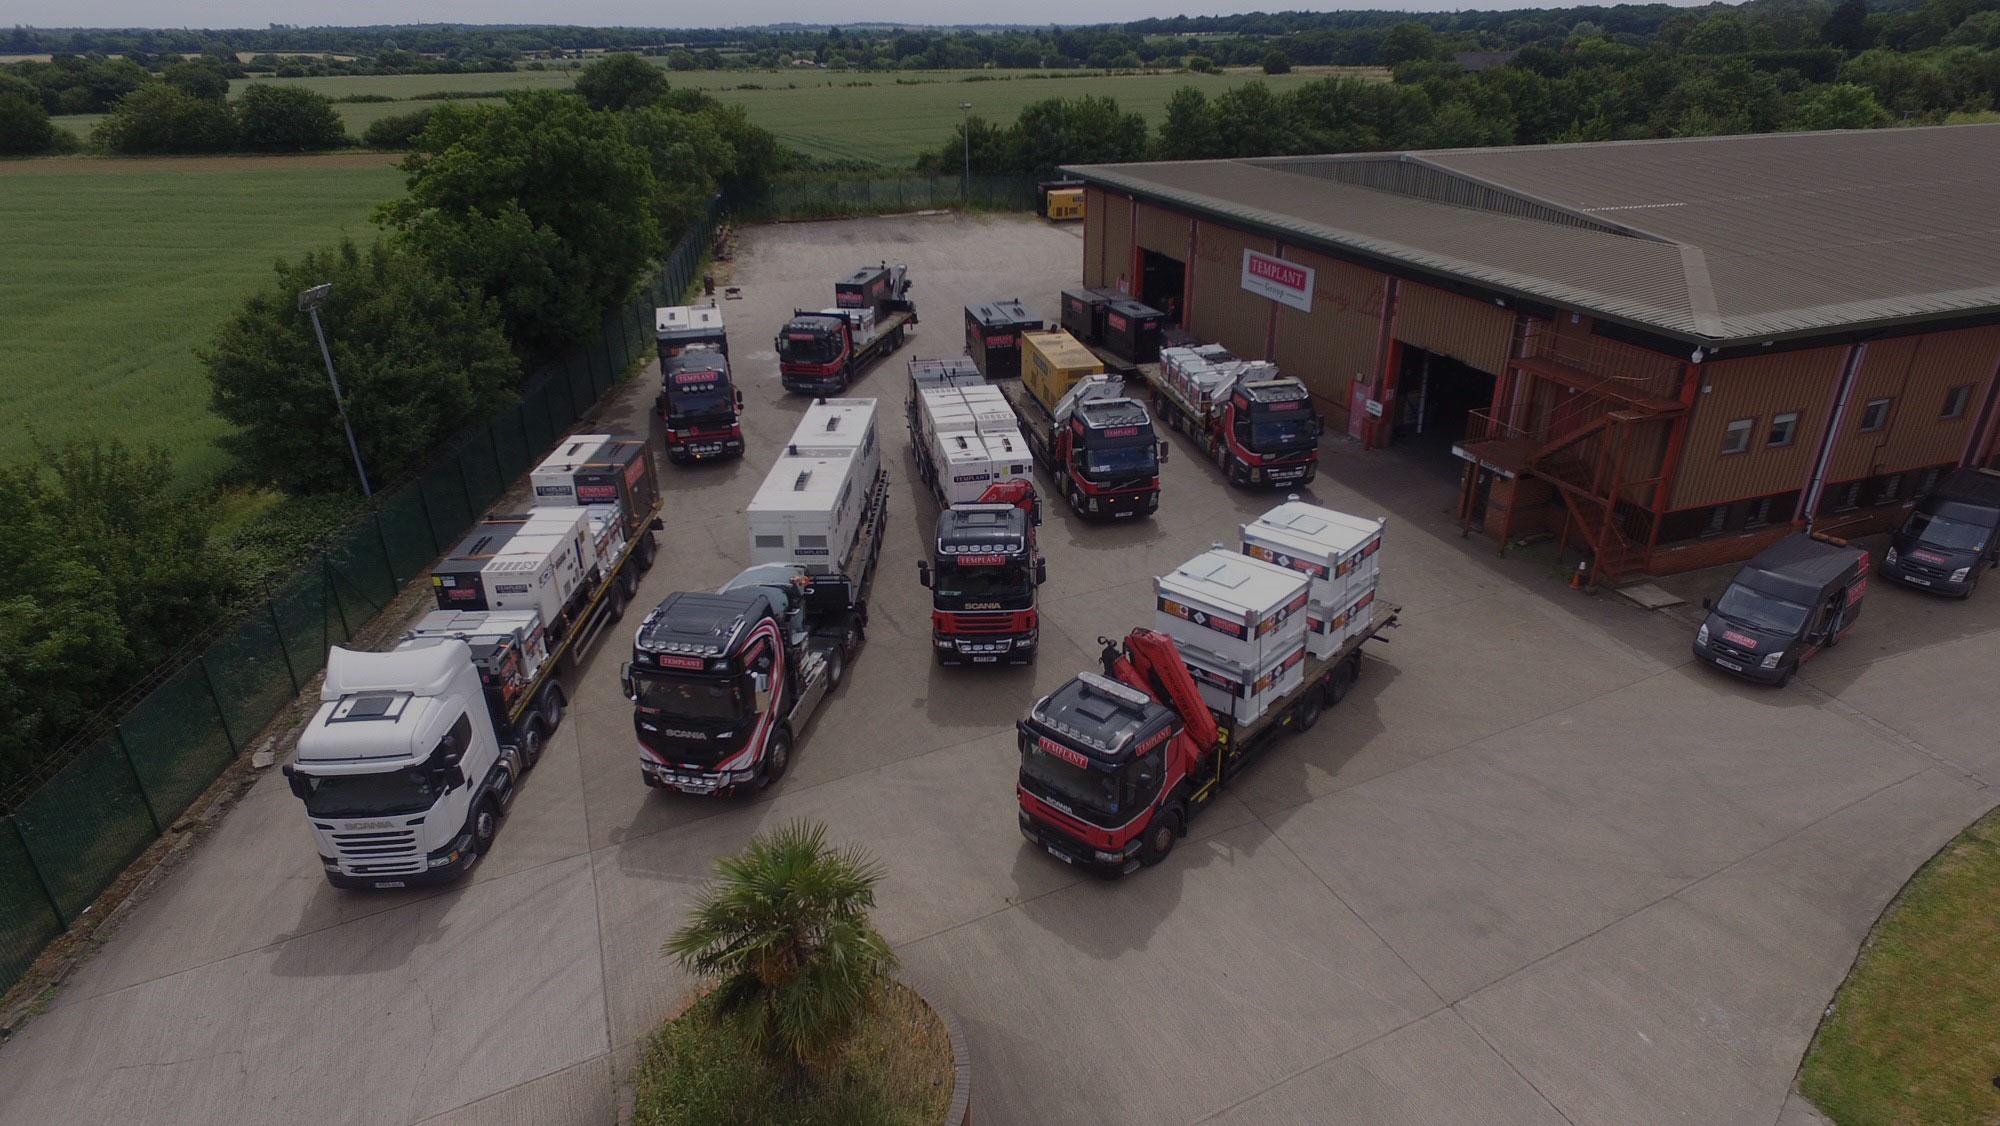 Lorries